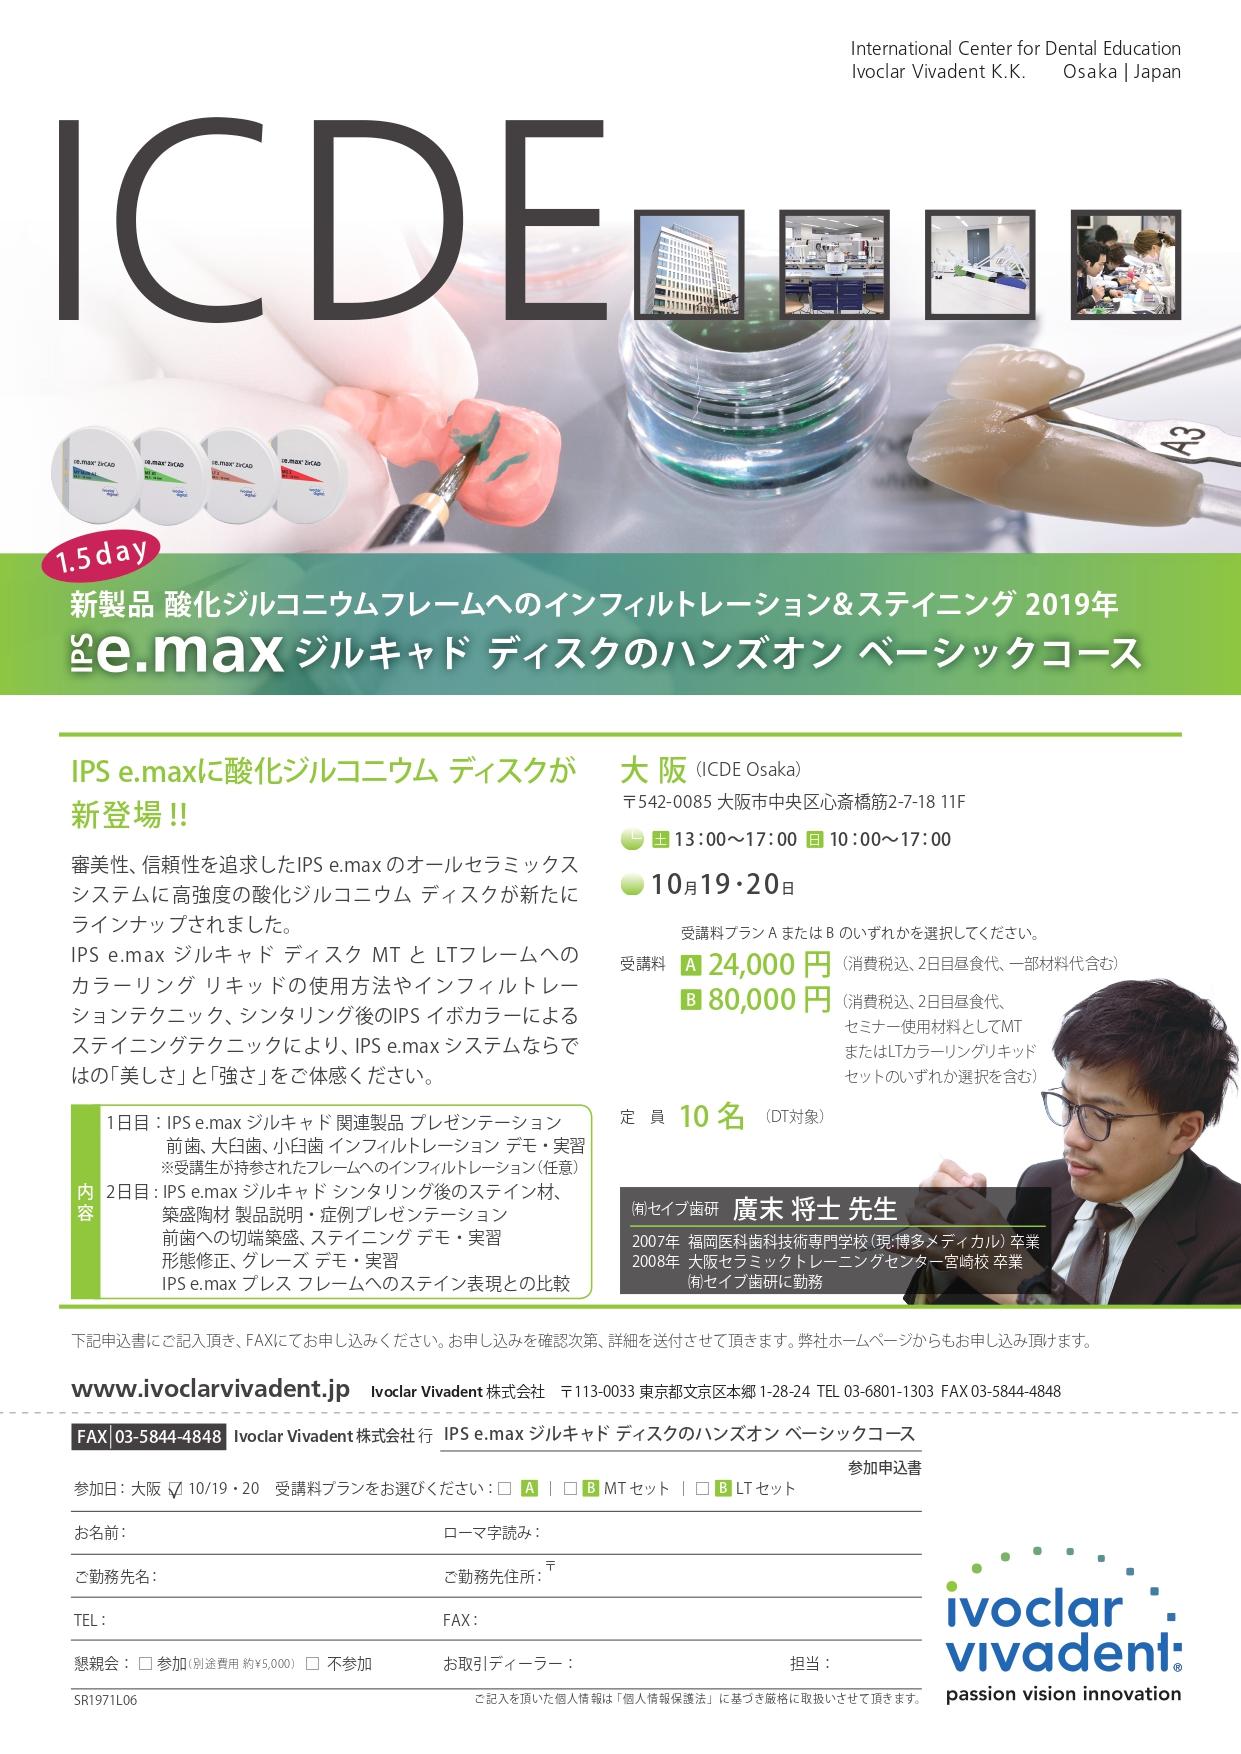 IPS e.max ジルキャド ディスクのハンズオン ベーシックコース